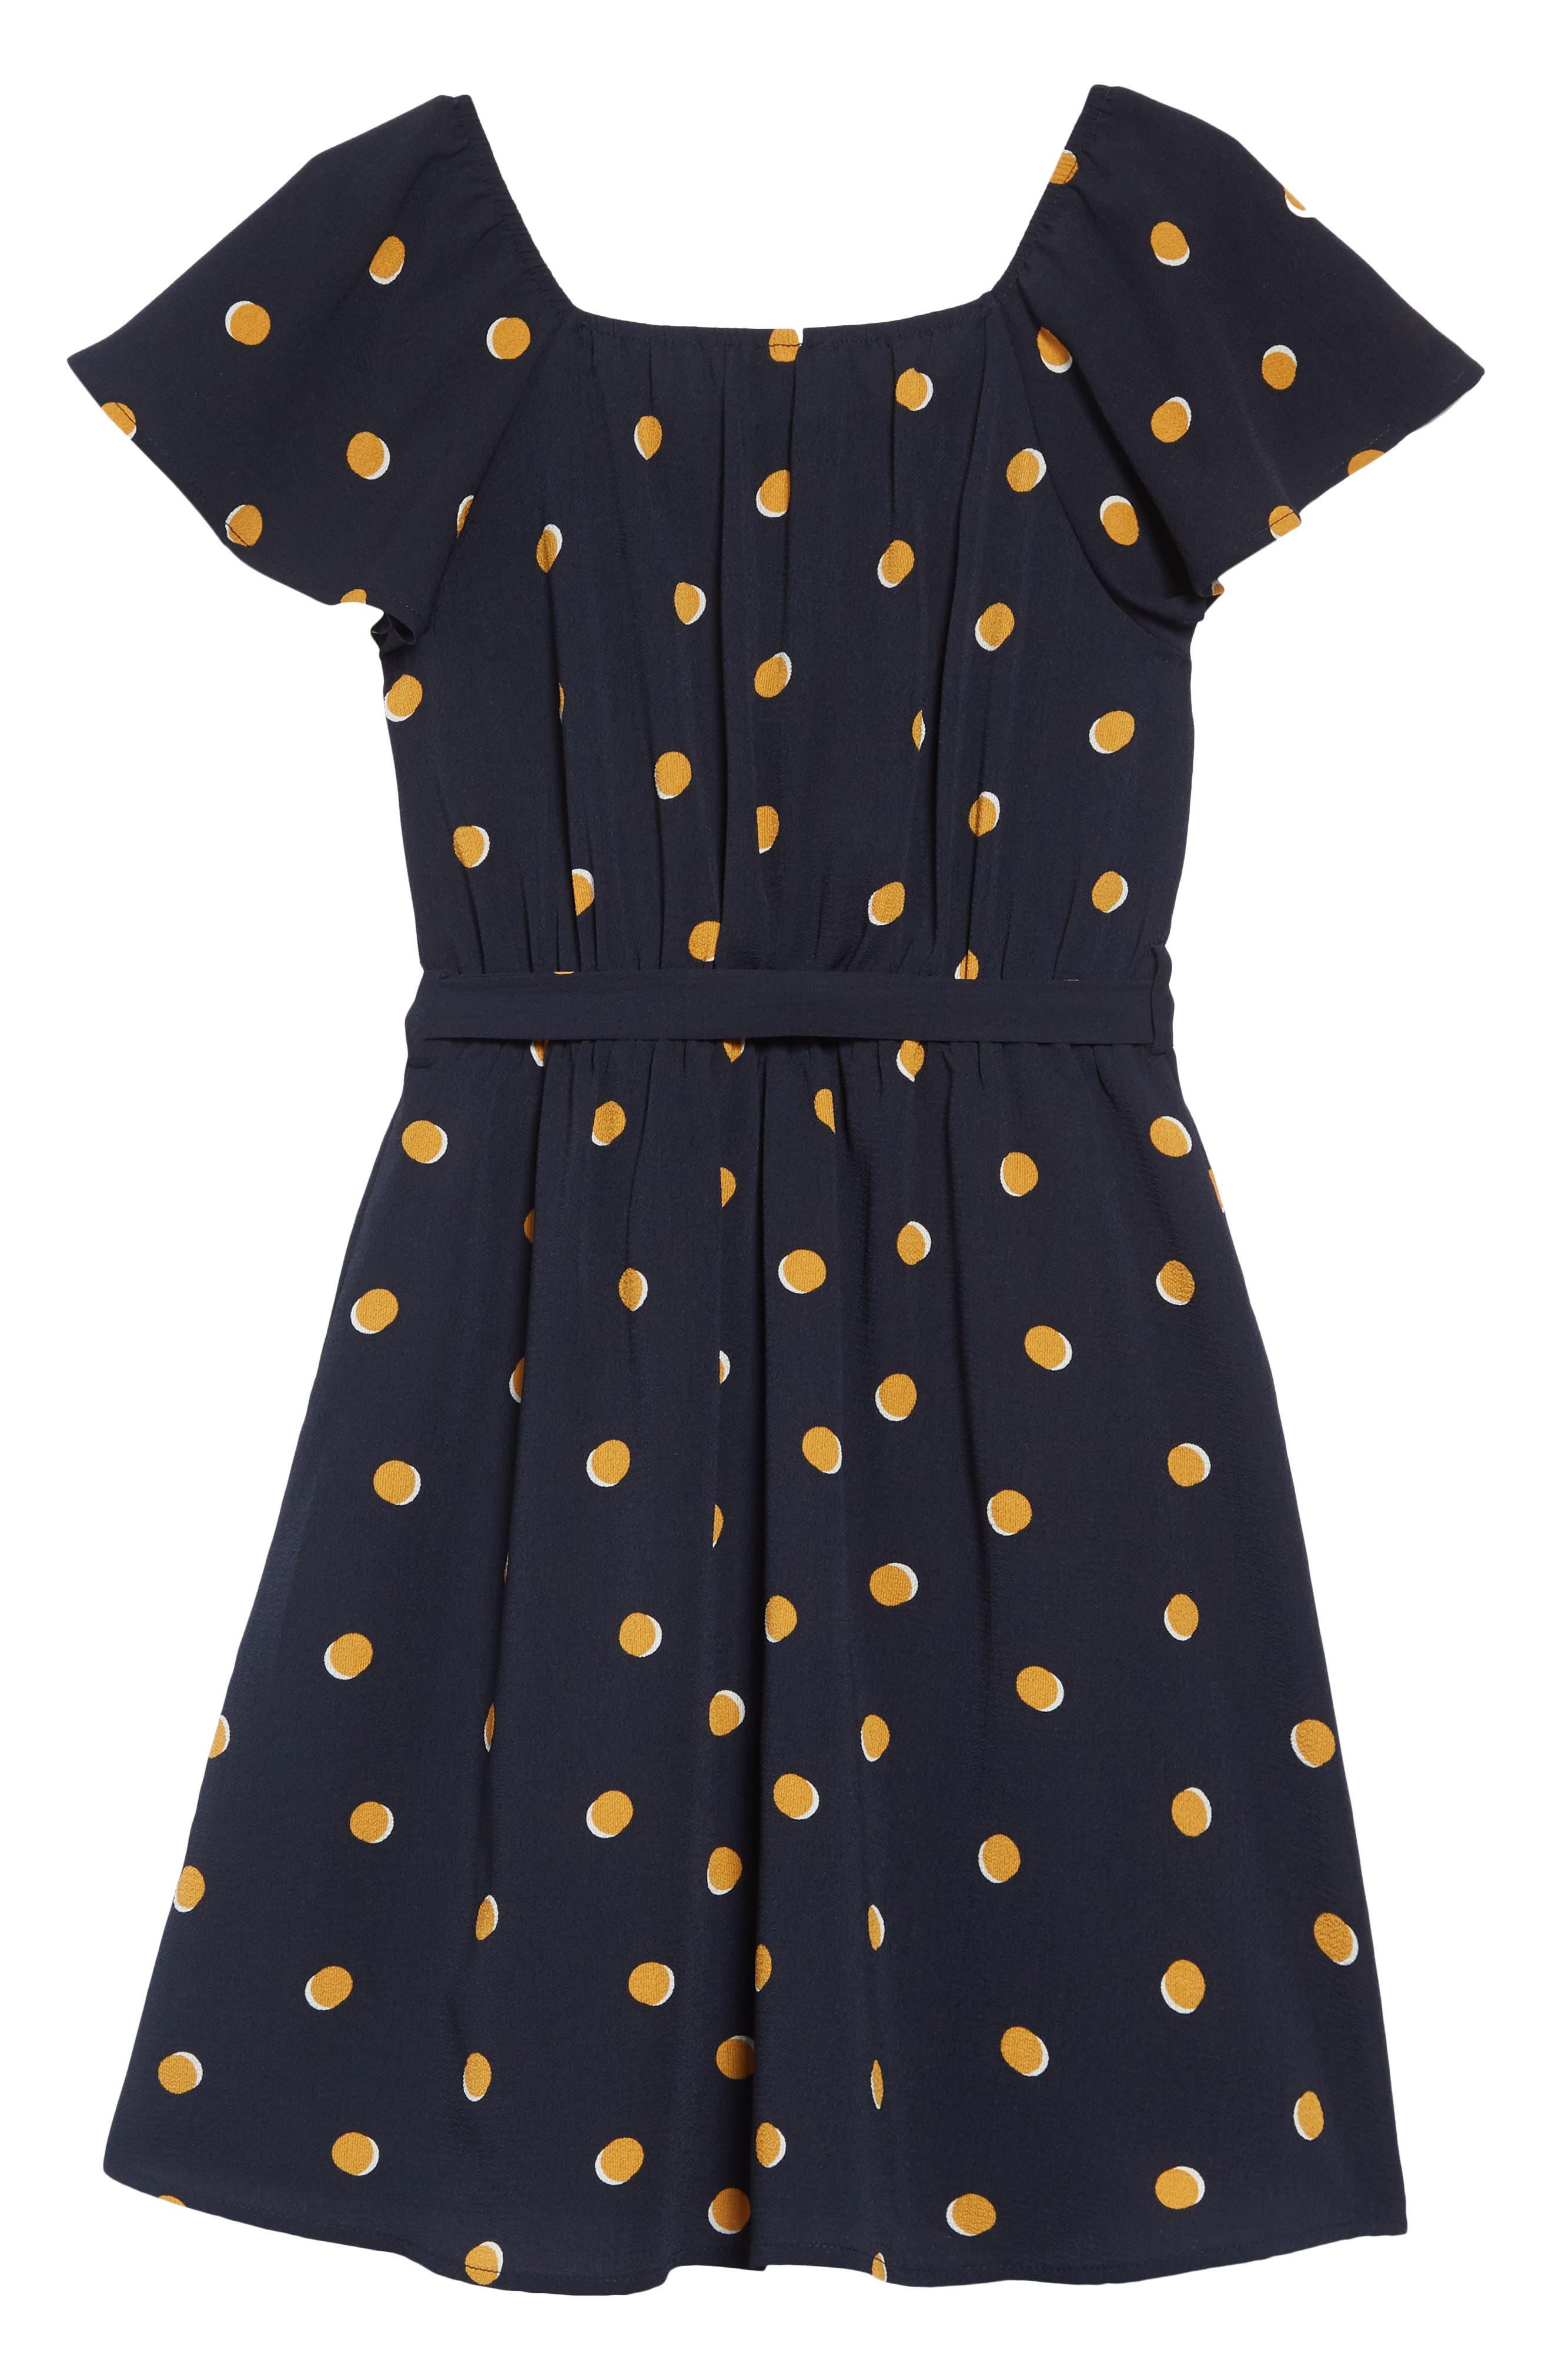 Polka Dot Flutter Sleeve Dress,                             Alternate thumbnail 2, color,                             NAVY/MUSTARD